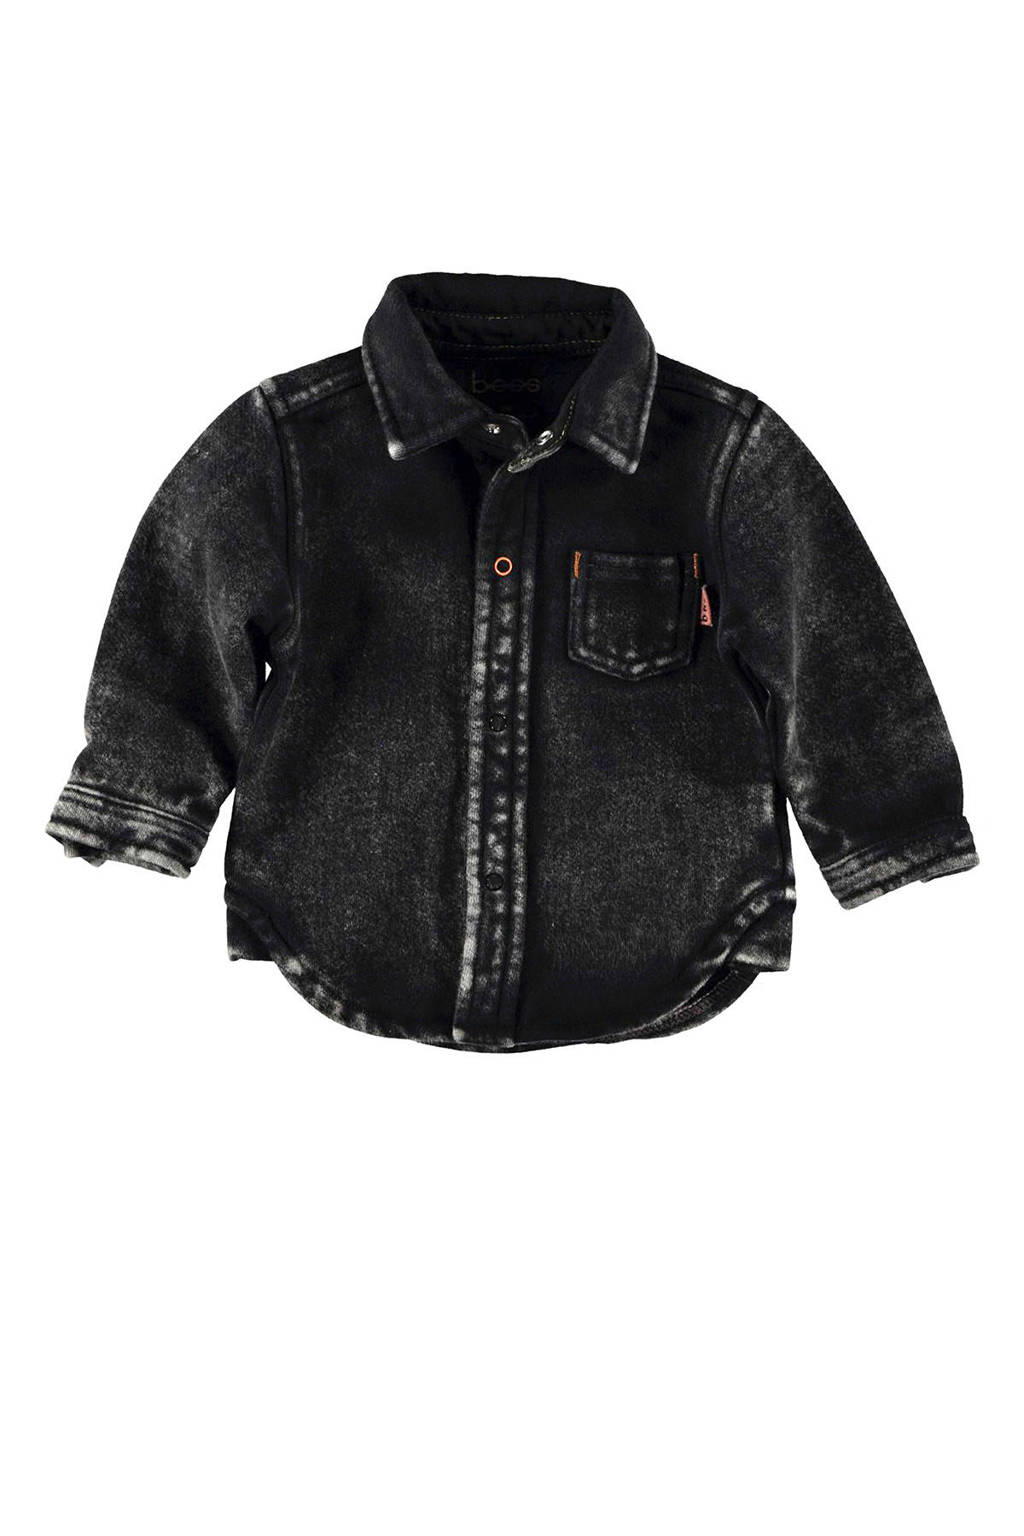 B.E.S.S baby overhemd zwart, Zwart